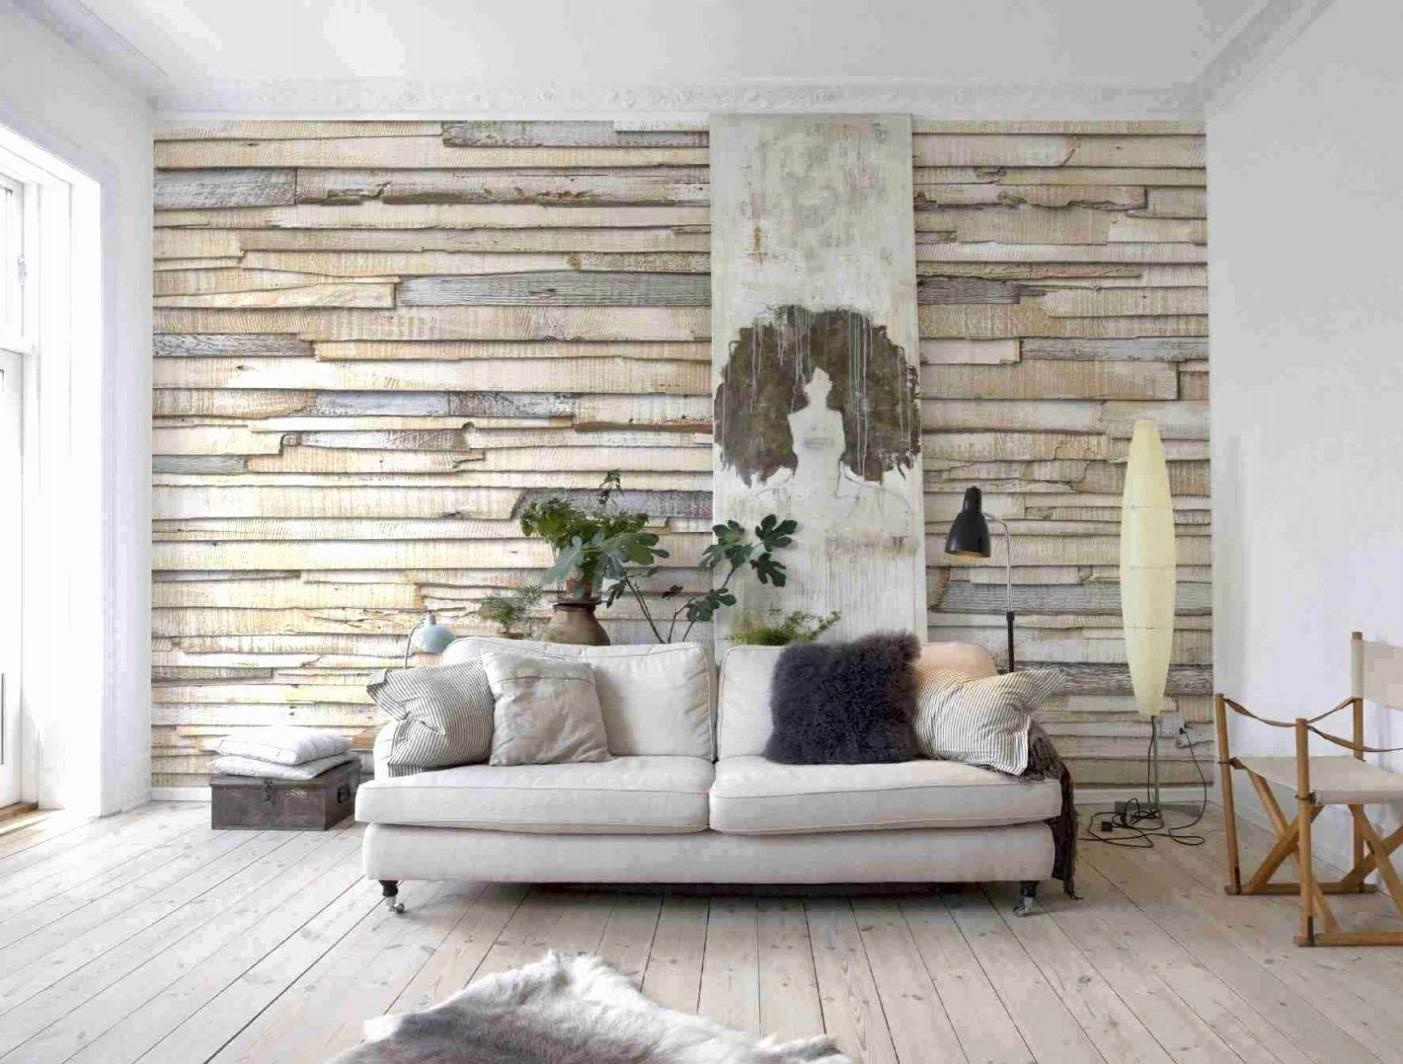 39 Elegant Ausgefallene Tapeten Wohnzimmer Das Beste Von von Wohnzimmer Tapeten Gestaltung Bild